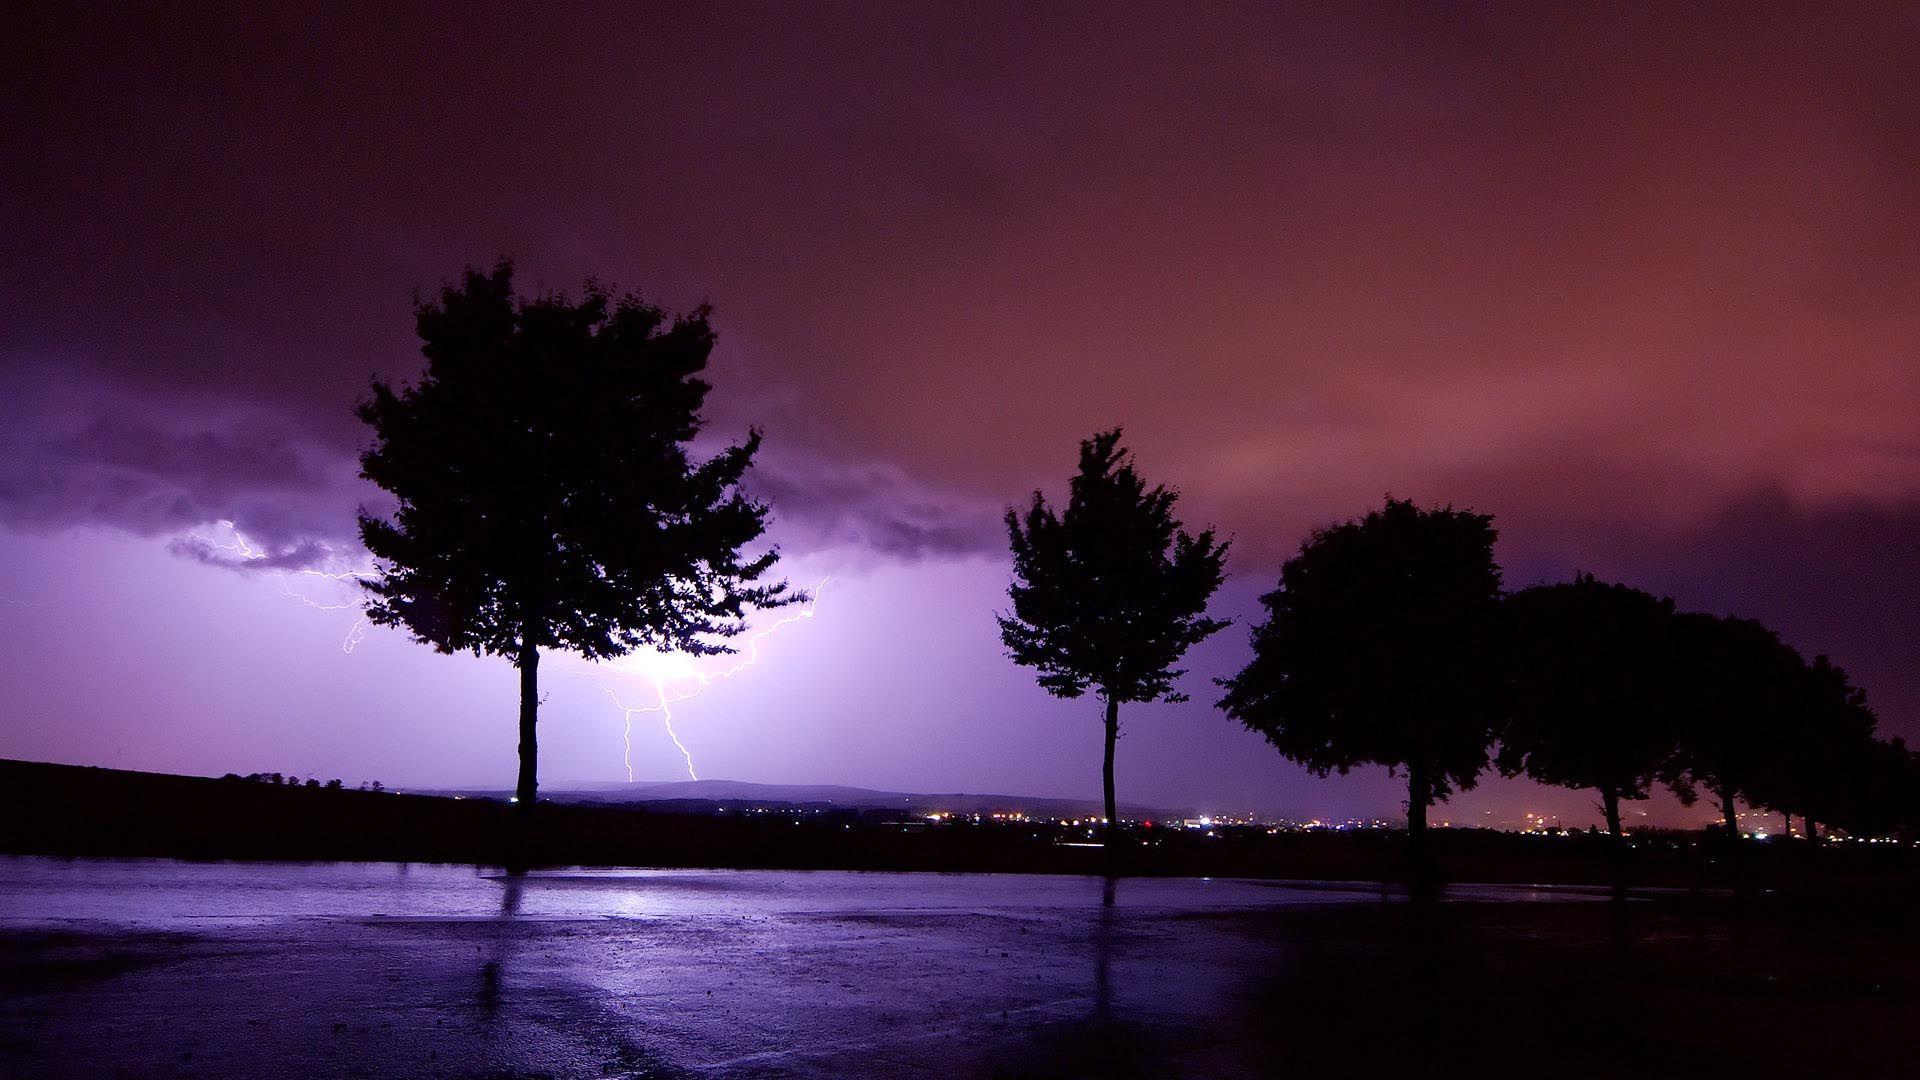 Distant Lightning Hd Wallpaper Lightning Photos Lightning Sky Storm Wallpaper